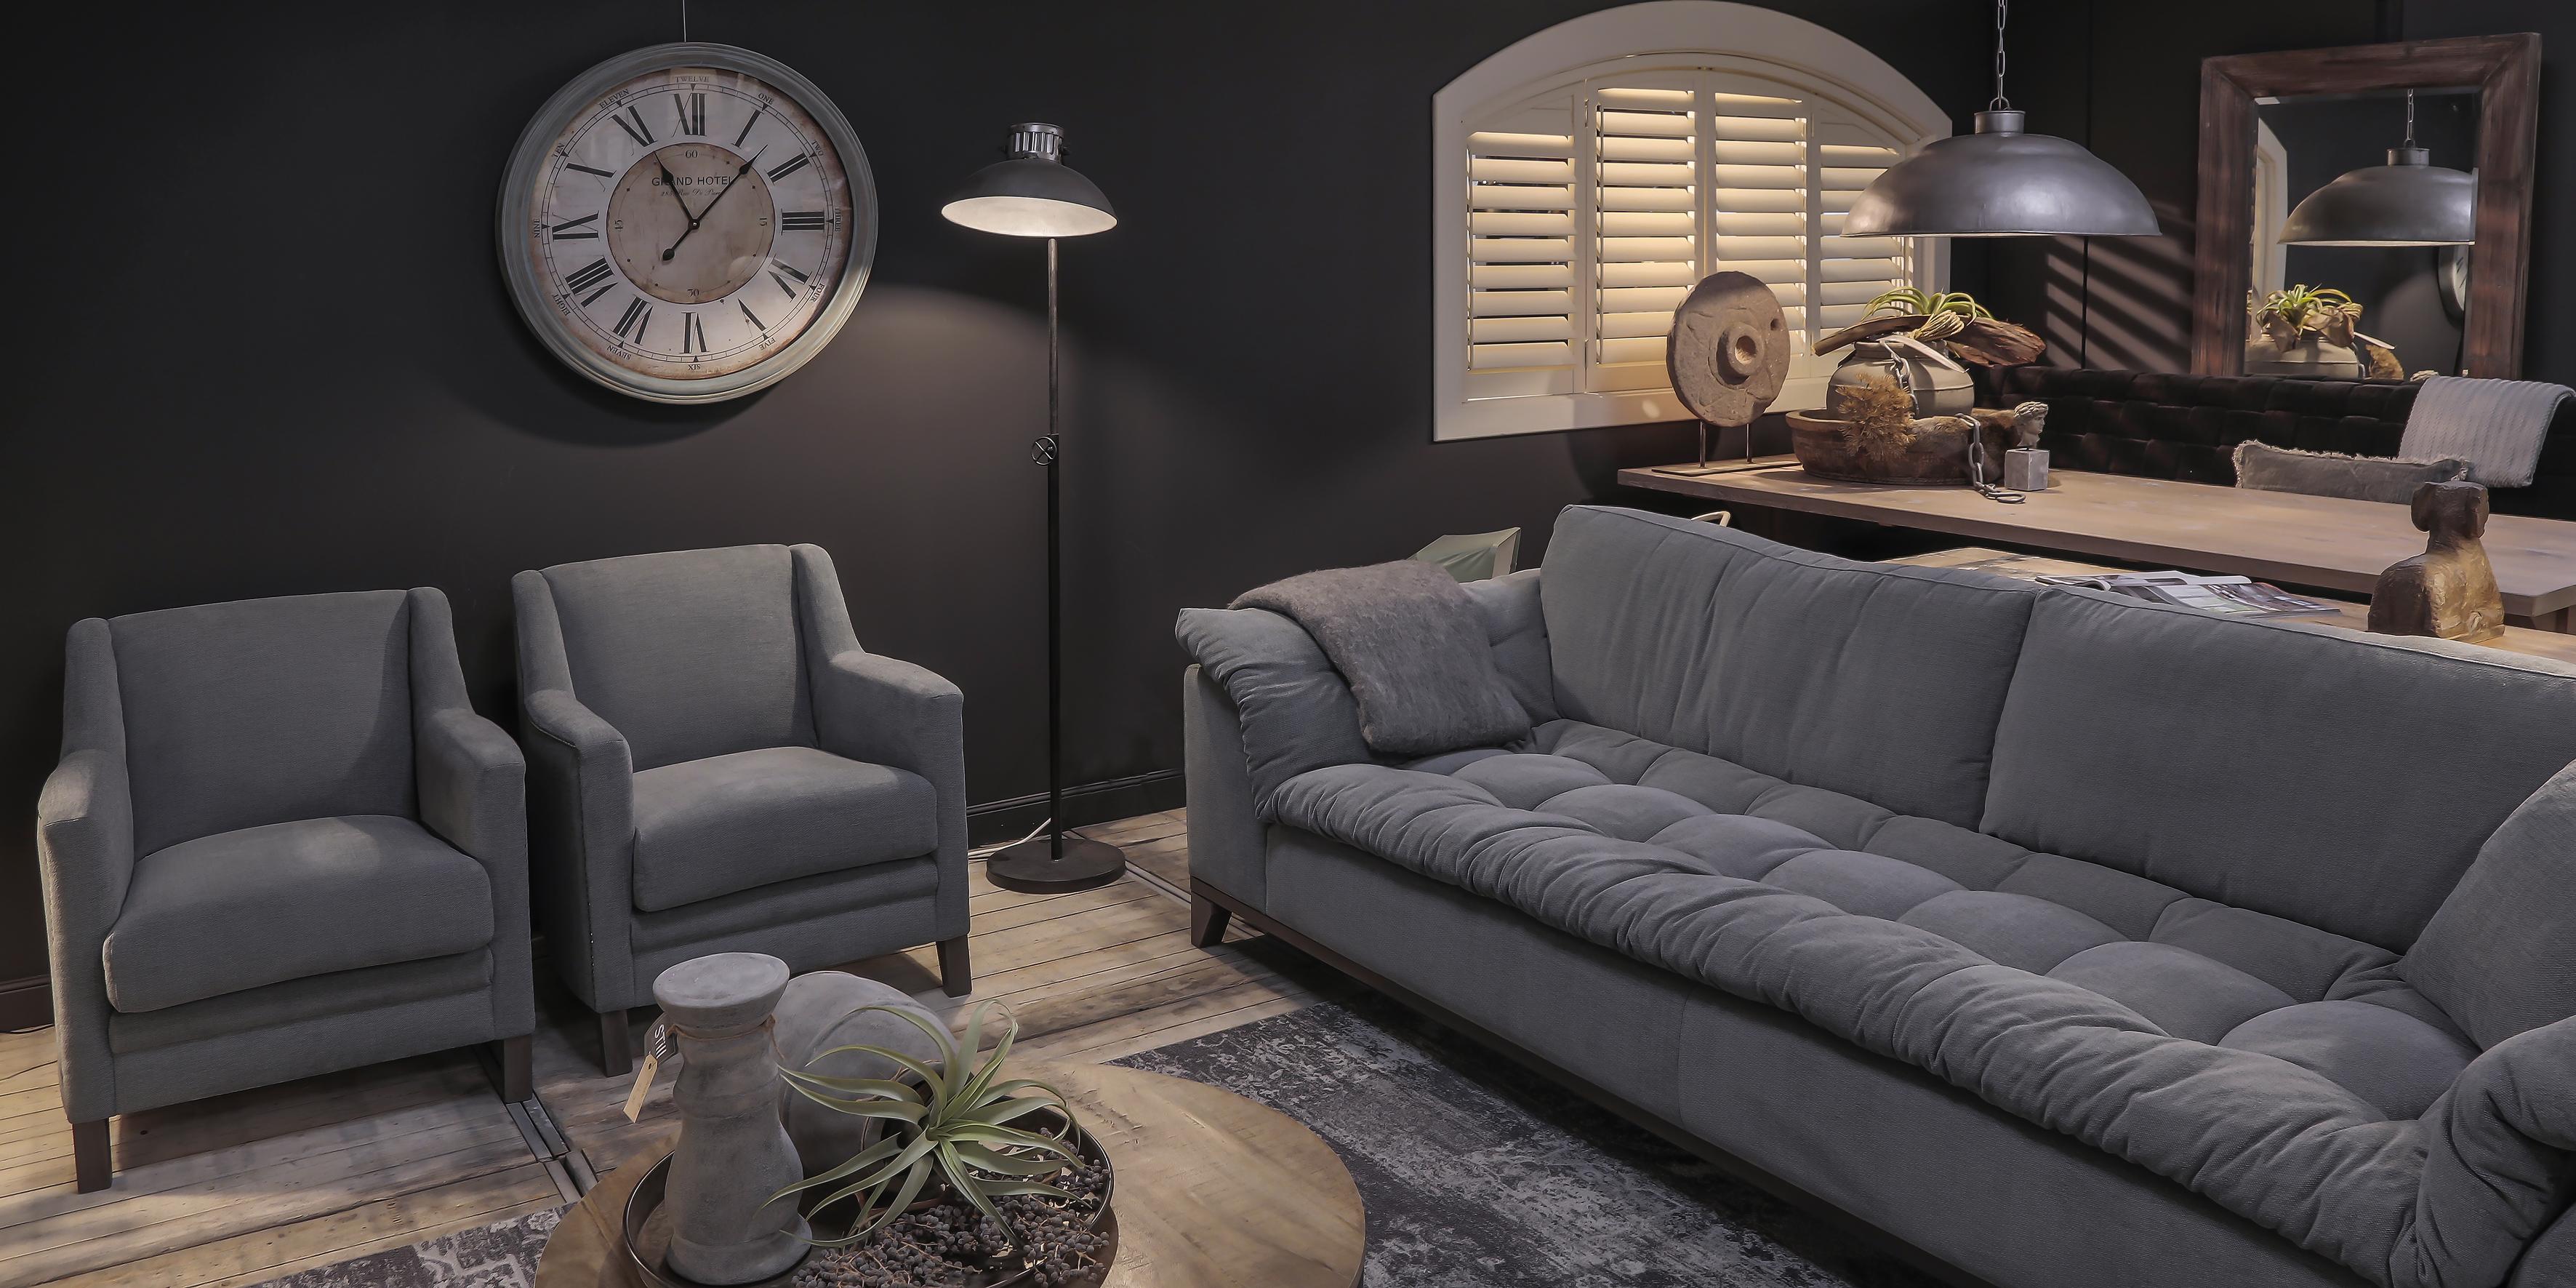 Landelijke woonkamer inrichting met ronde salontafel, set grijze fauteuils en een landelijke stoffen bank.